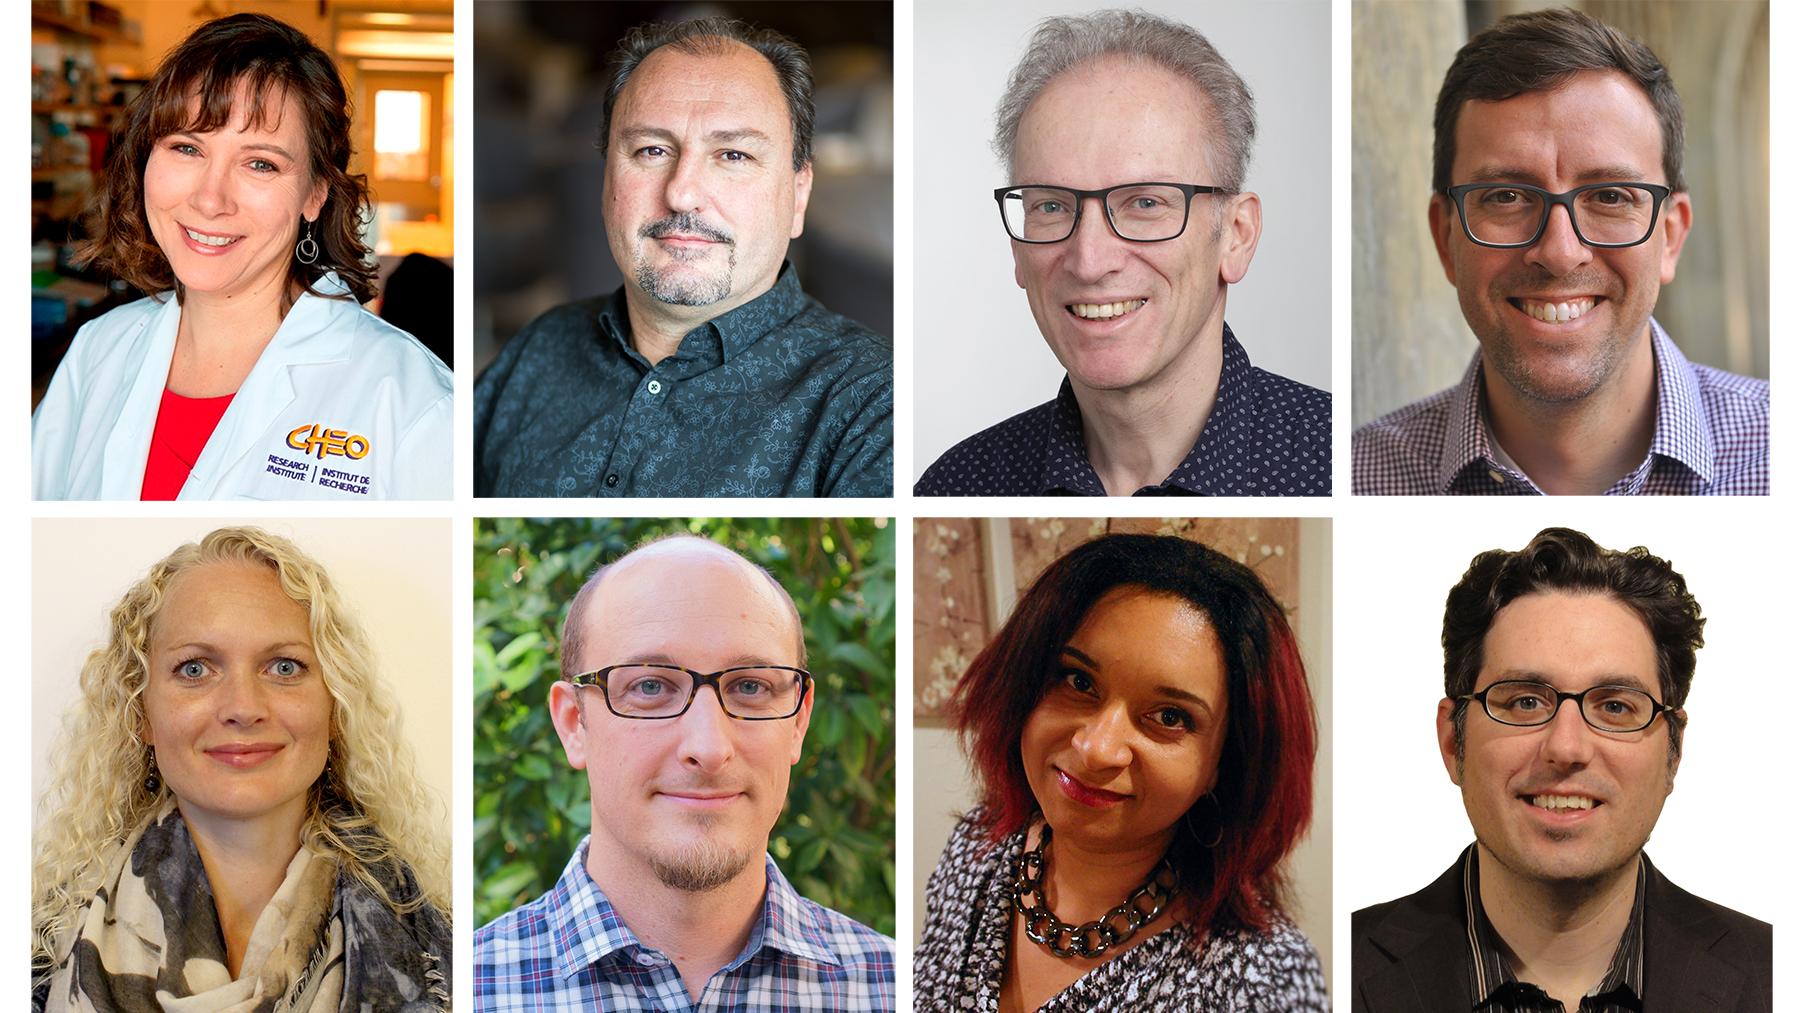 Huit professeurs : Kym Boycott, Lionel Briand, Hans Lochmüller, Jason Millar, Maria Musgaard, Brett Walker, Monnica Williams et Jeff Lundeen